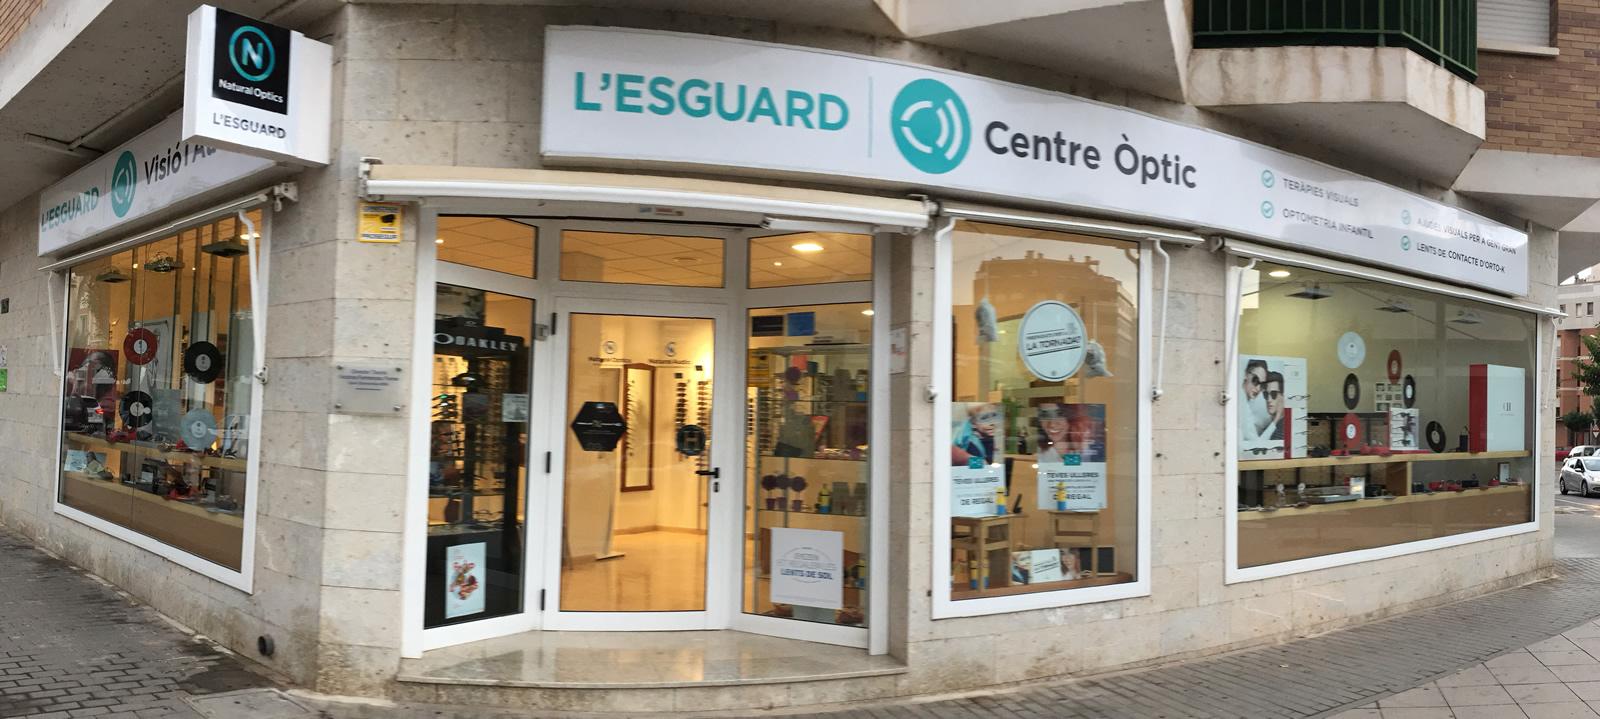 centre-optic-esguard